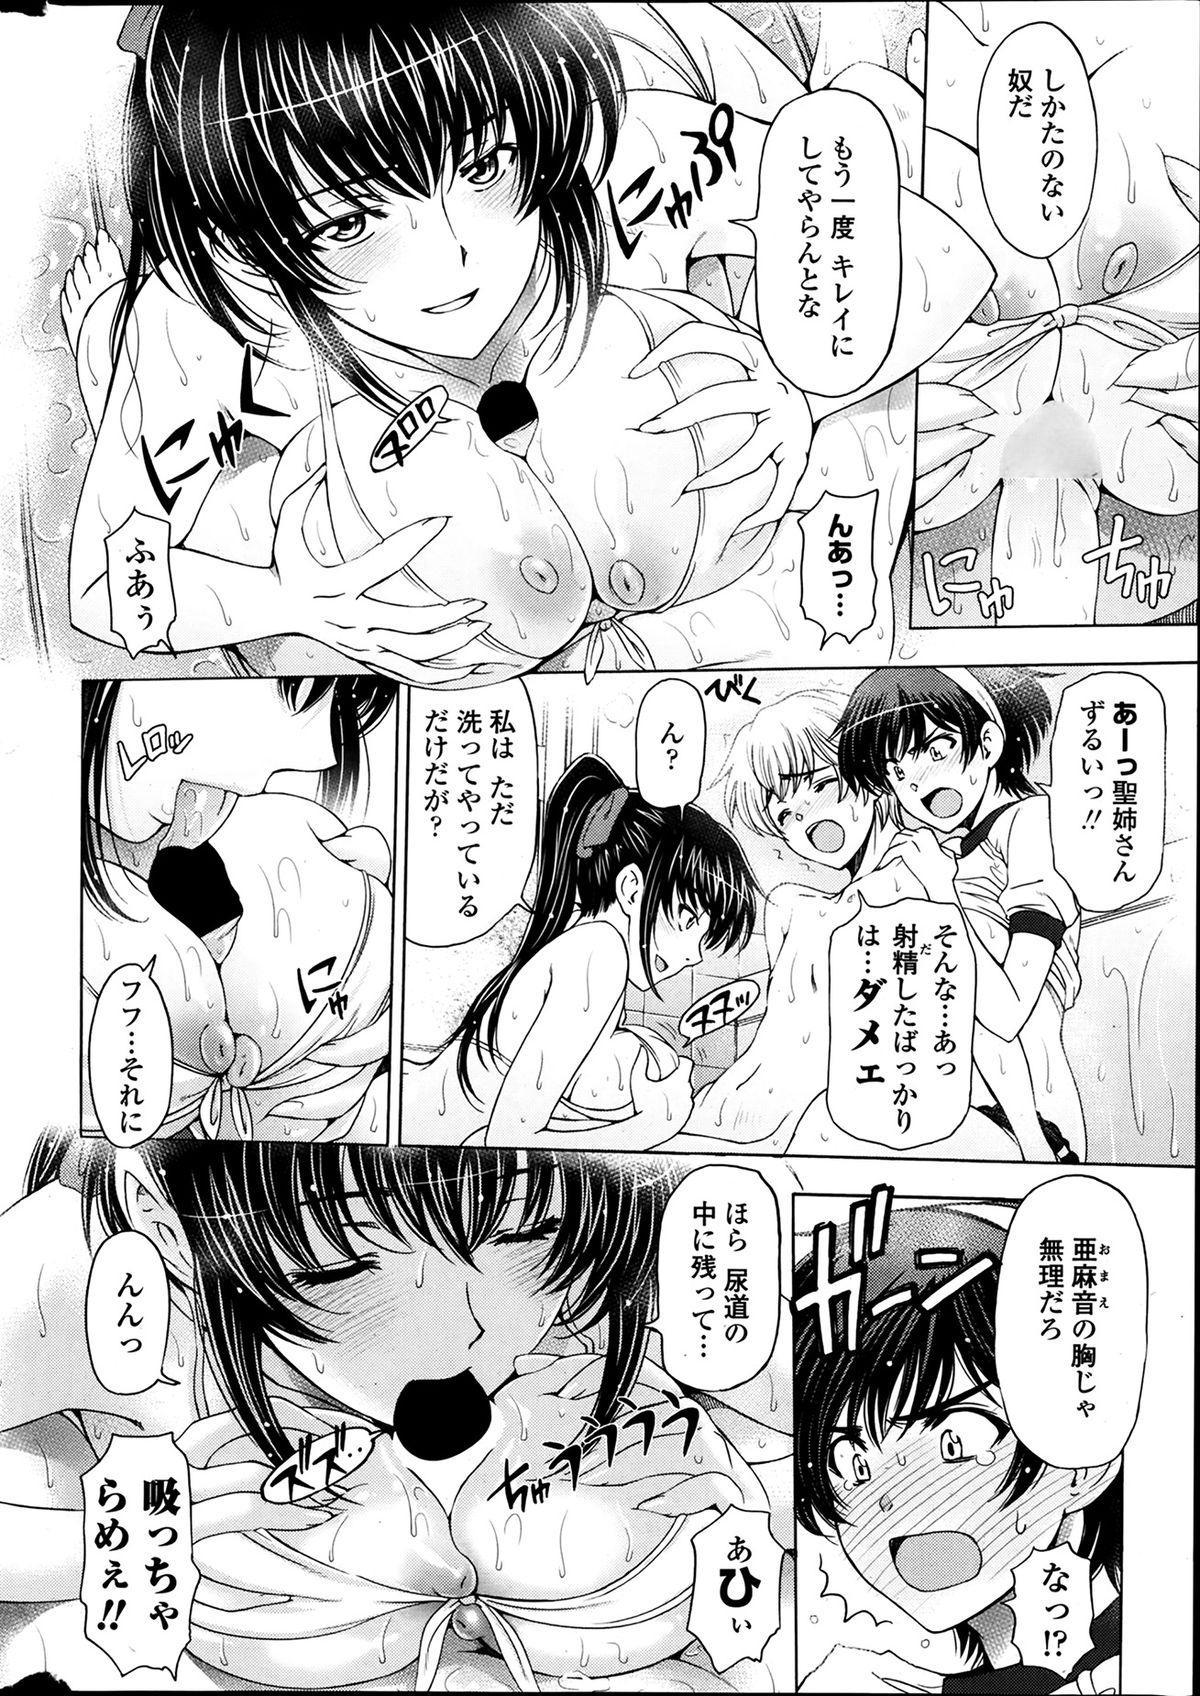 Ane wa Shota o Suki ni Naru Bangaihen 1-2 5